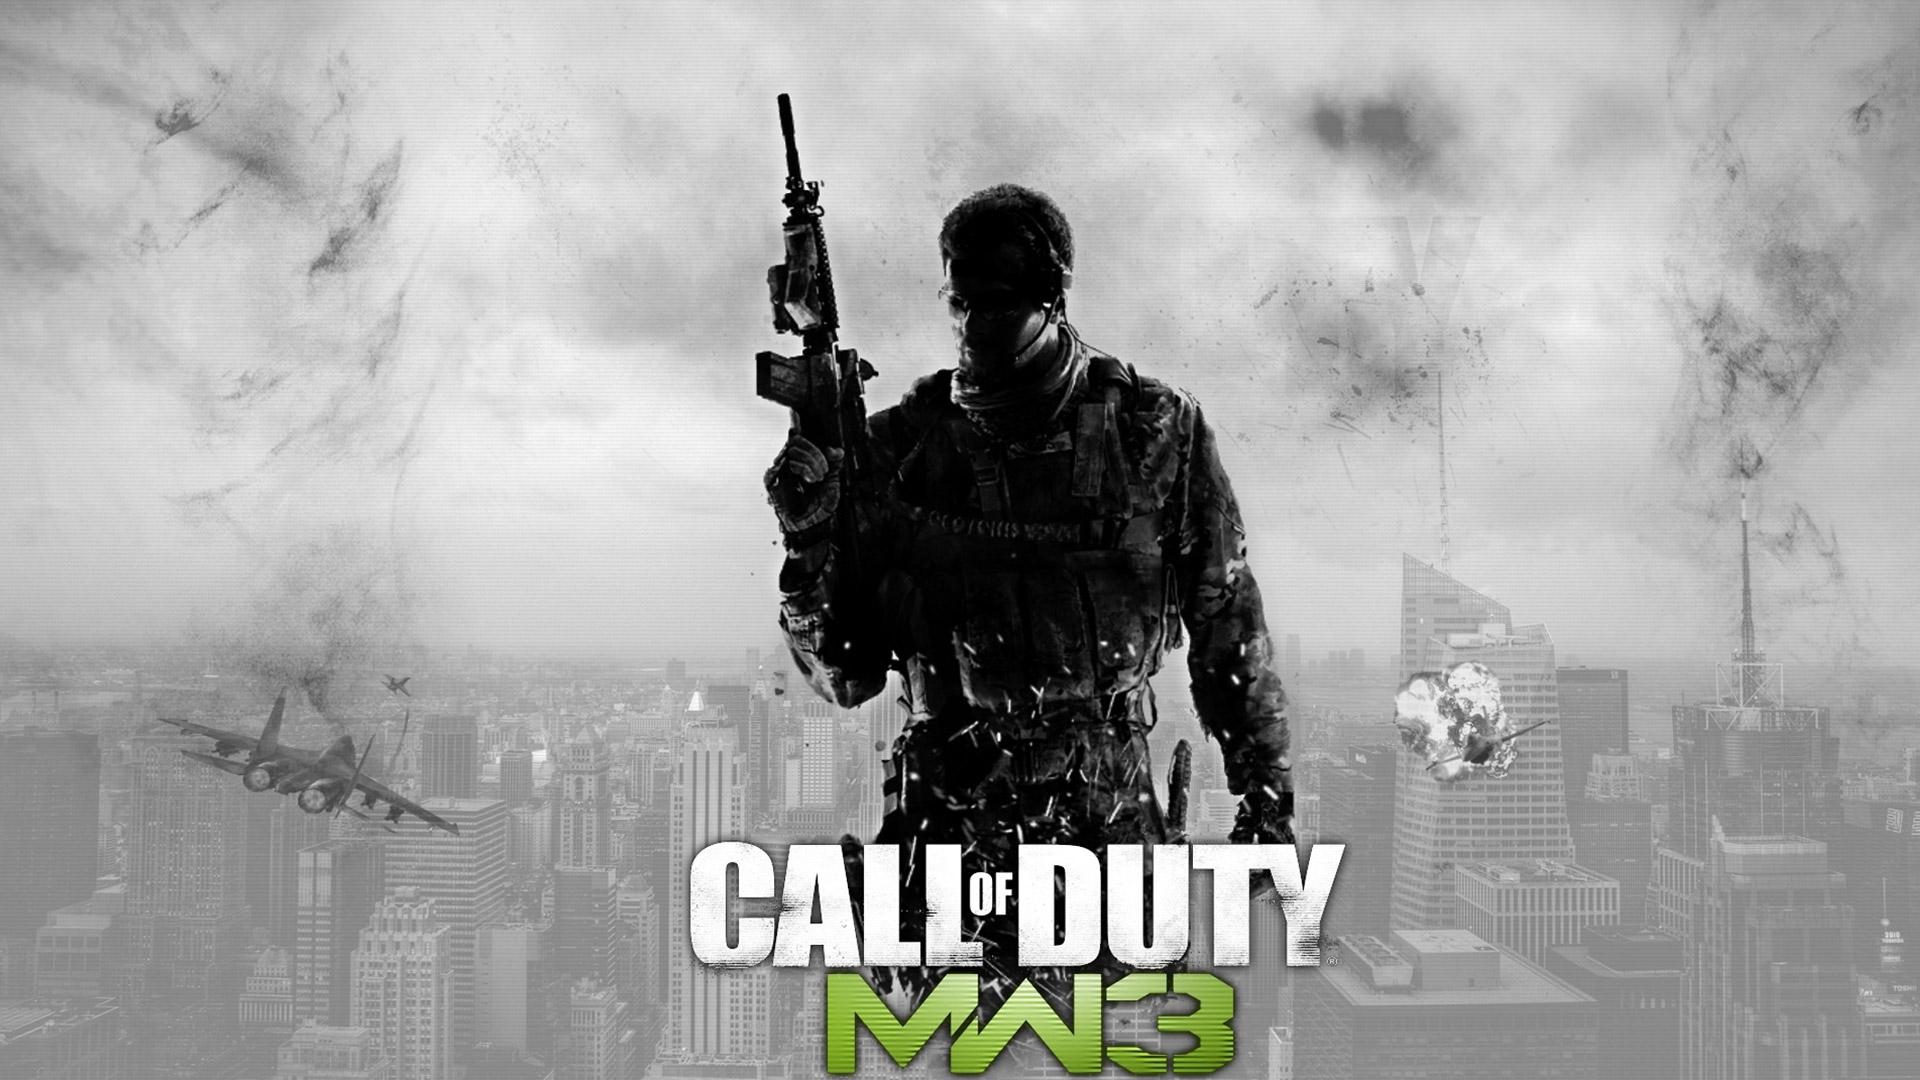 Free Call of Duty: Modern Warfare 3 Wallpaper in 1920x1080